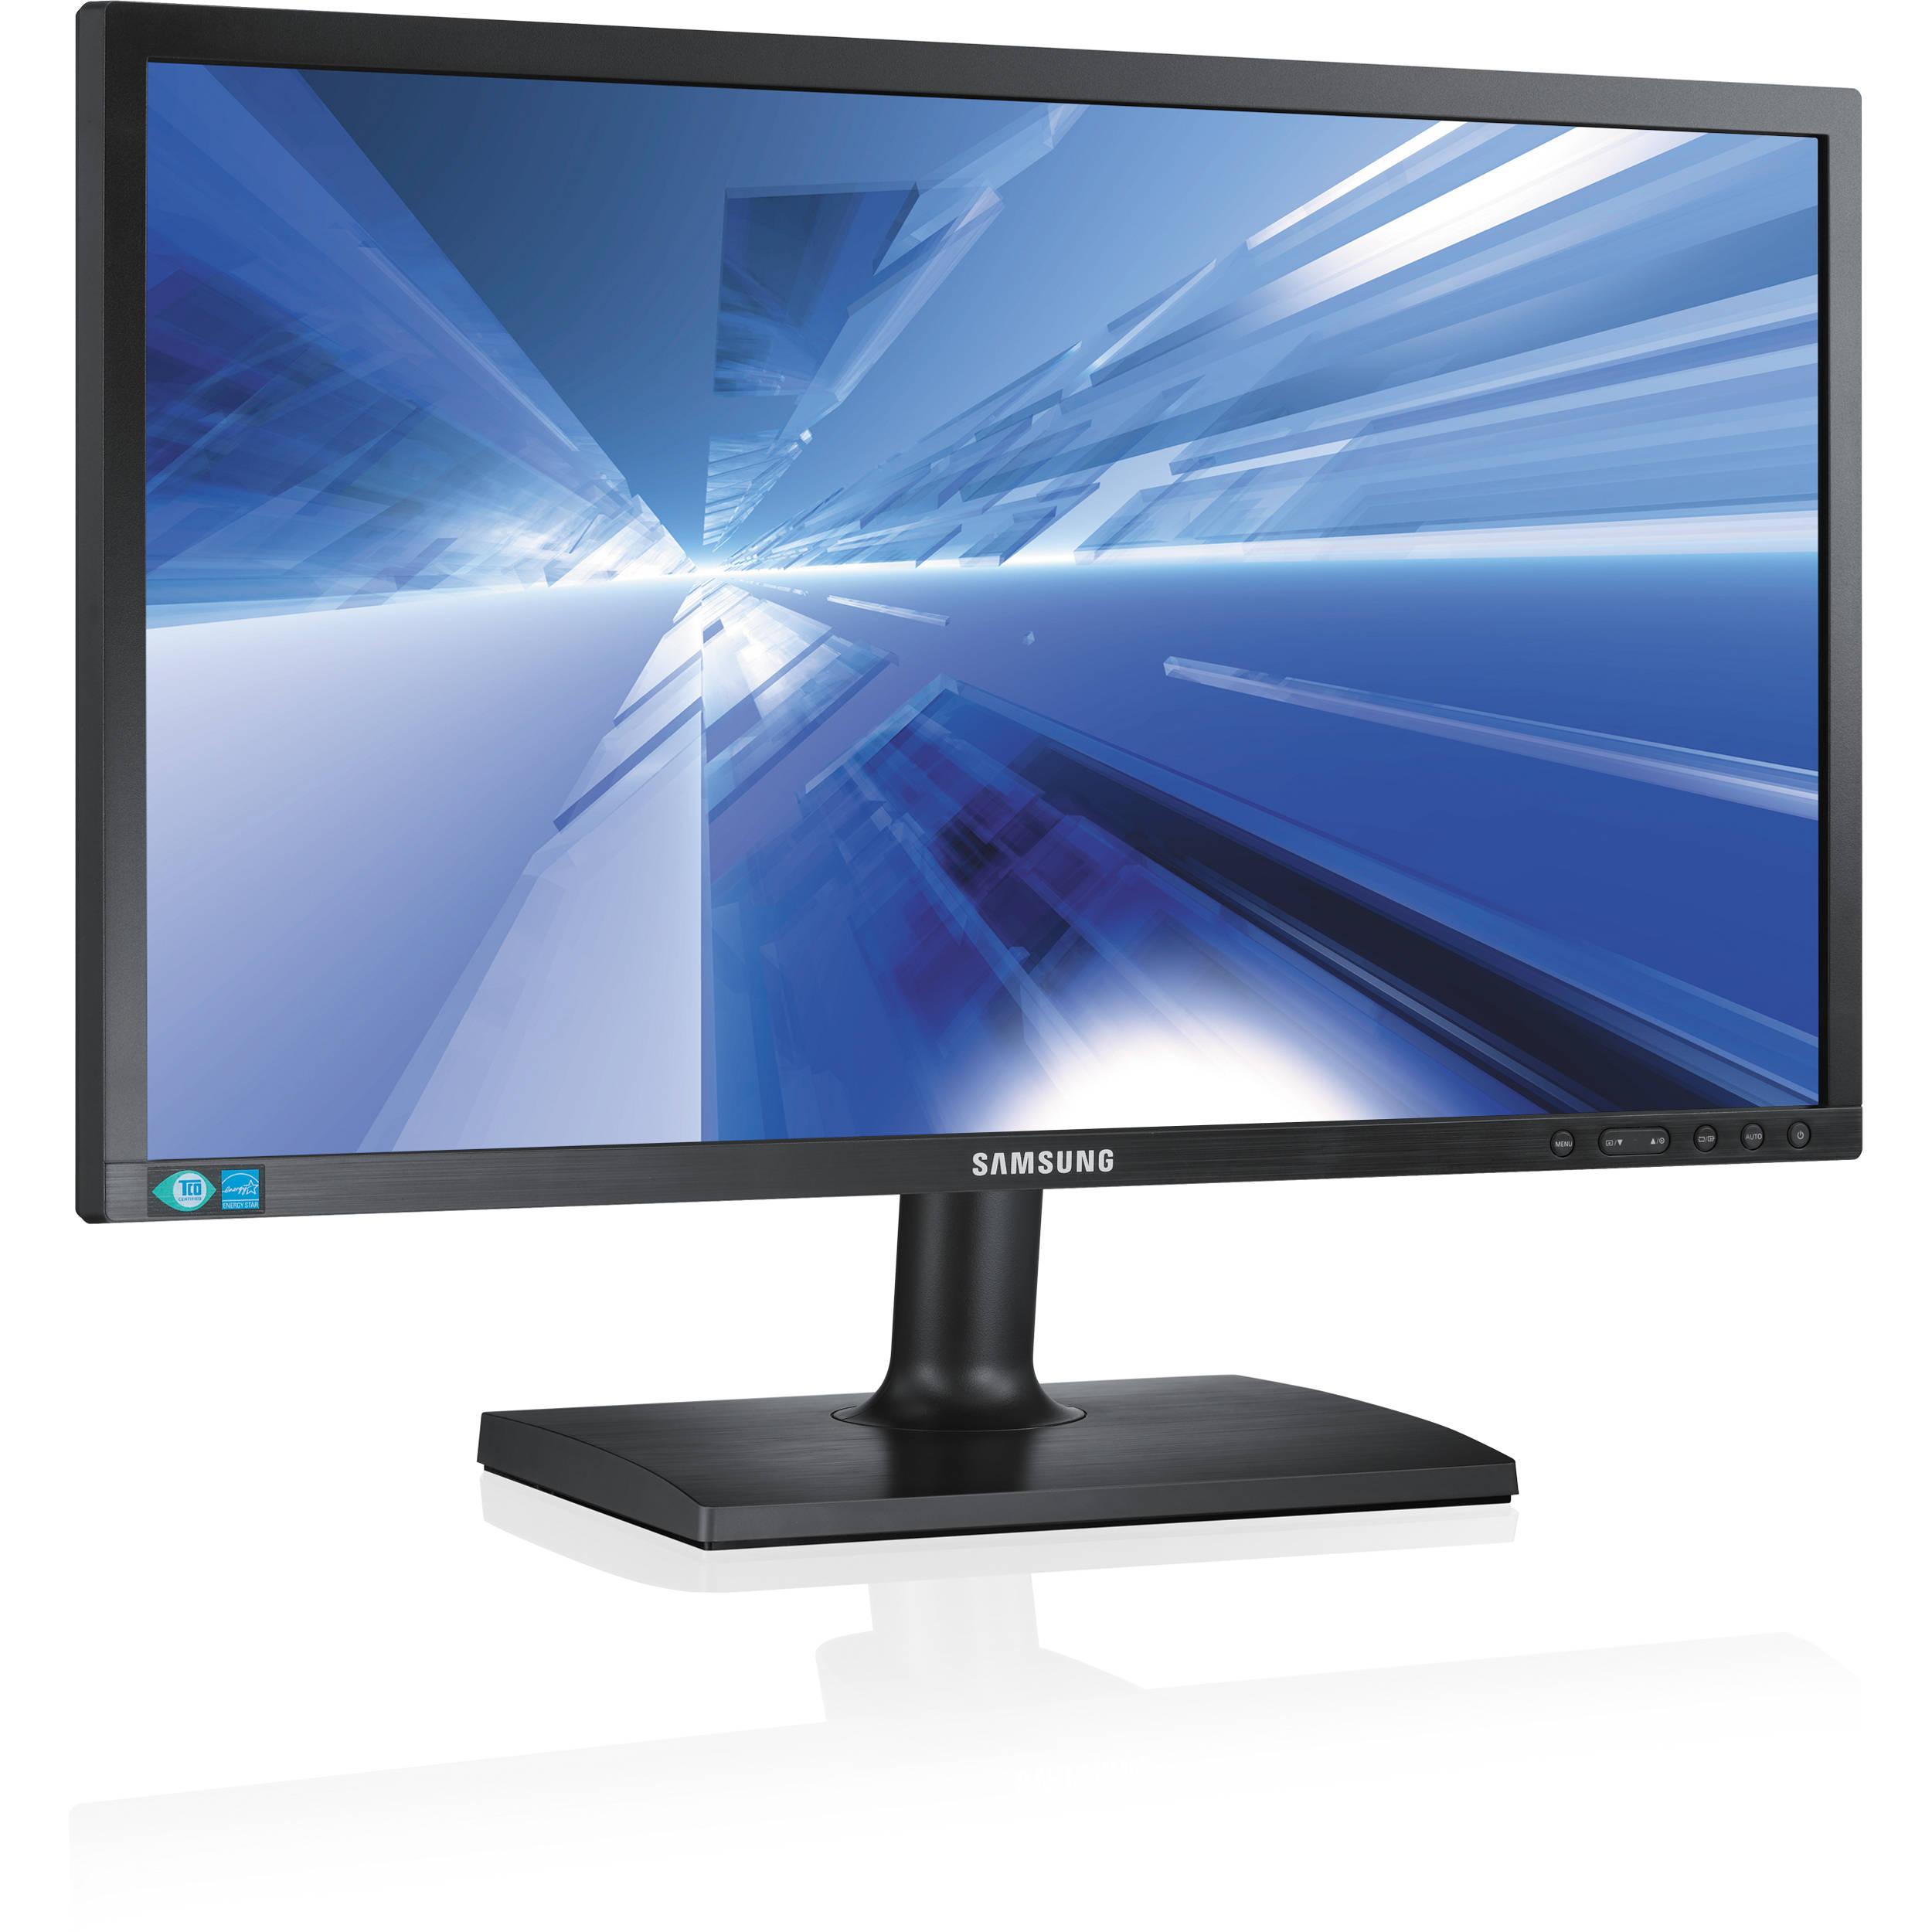 lcd computer monitor - photo #36